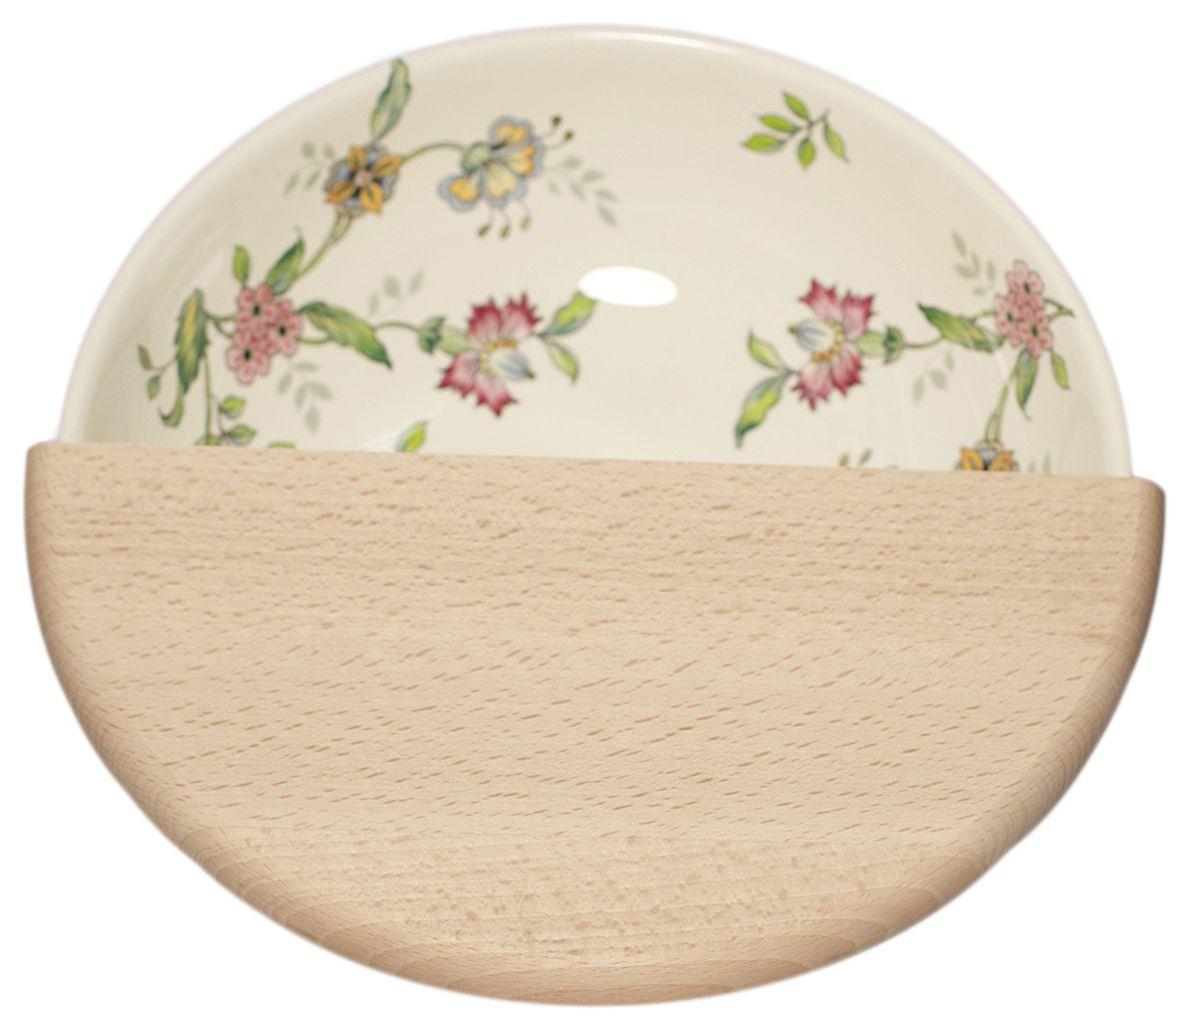 Салатник Nuova Cer Прованс, с разделочной доской, диаметр 25 смPRV-7975Салатник Nuova Cer Прованс, выполненный из высококачественной керамики, оформлен цветочным узором. Красочность оформления придется по вкусу и ценителям классики, и тем, кто предпочитает утонченность и изысканность. Салатник прекрасно впишется в интерьер вашей кухни и станет достойным дополнением к кухонному инвентарю. Изделие нельзя мыть в посудомоечной машине. В комплект также входит разделочная доска из дерева, которая компактно размещаетсяповерх салатника для нарезки овощей непосредственно в емкость. Диаметр салатника (по верхнему краю): 25 см. Высота салатника: 8 см.